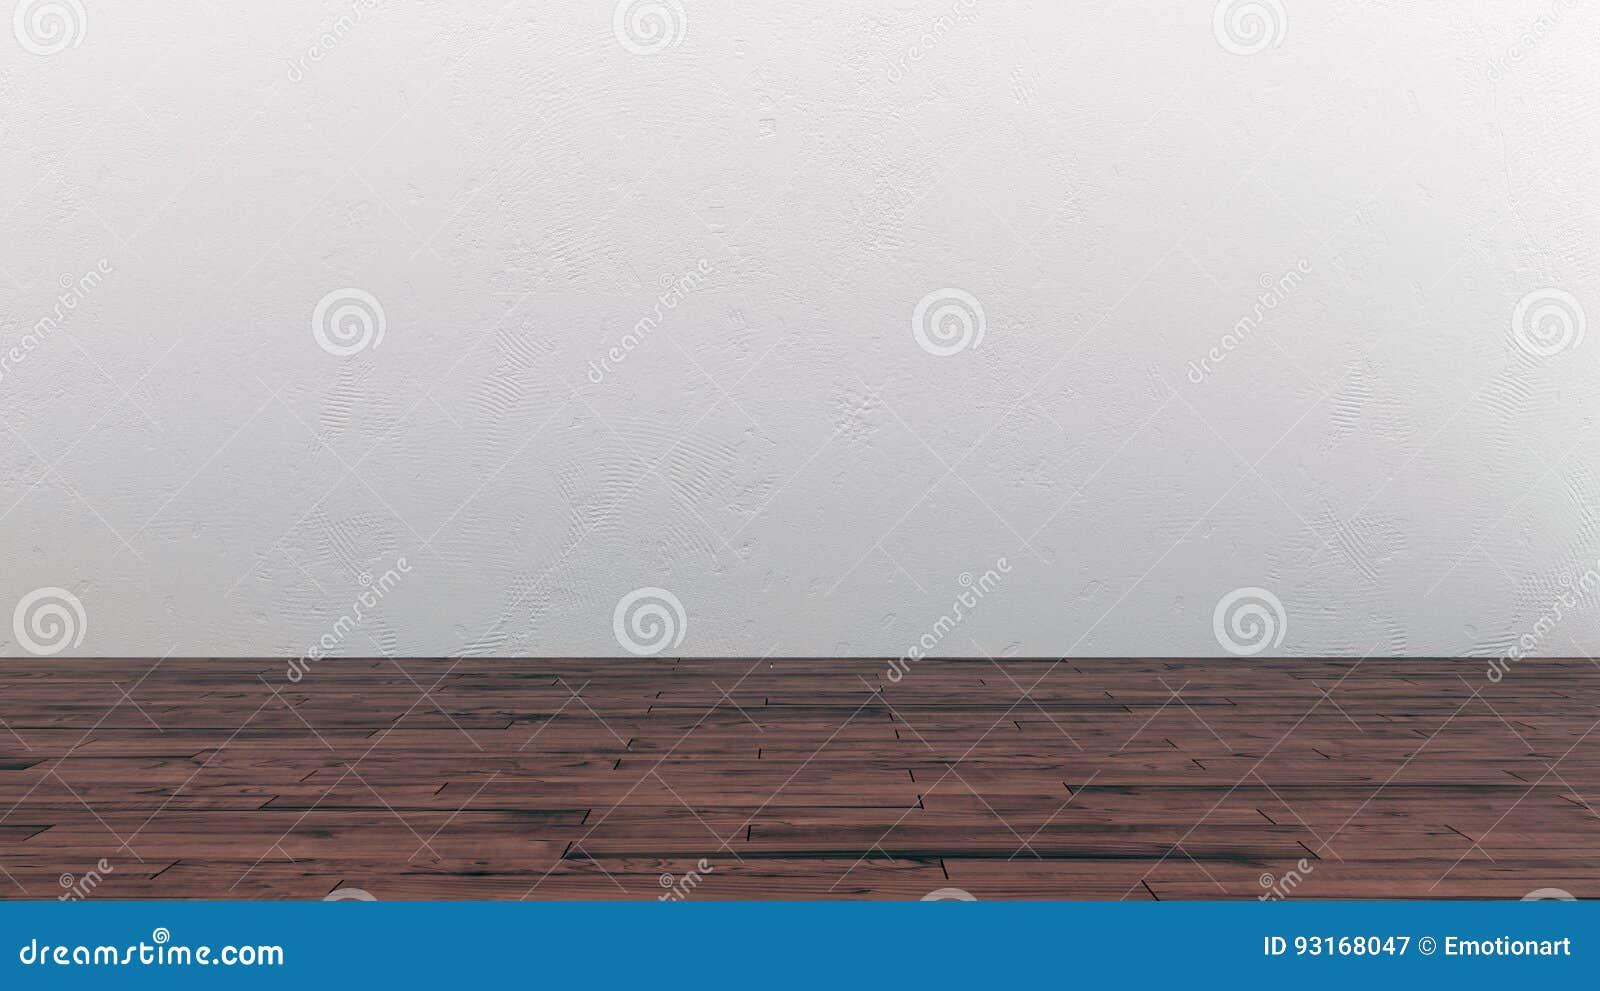 Leeg ruimtebinnenland met houten vloer en witte muur stock illustratie afbeelding 93168047 - Binnenkleuren met witte muur ...